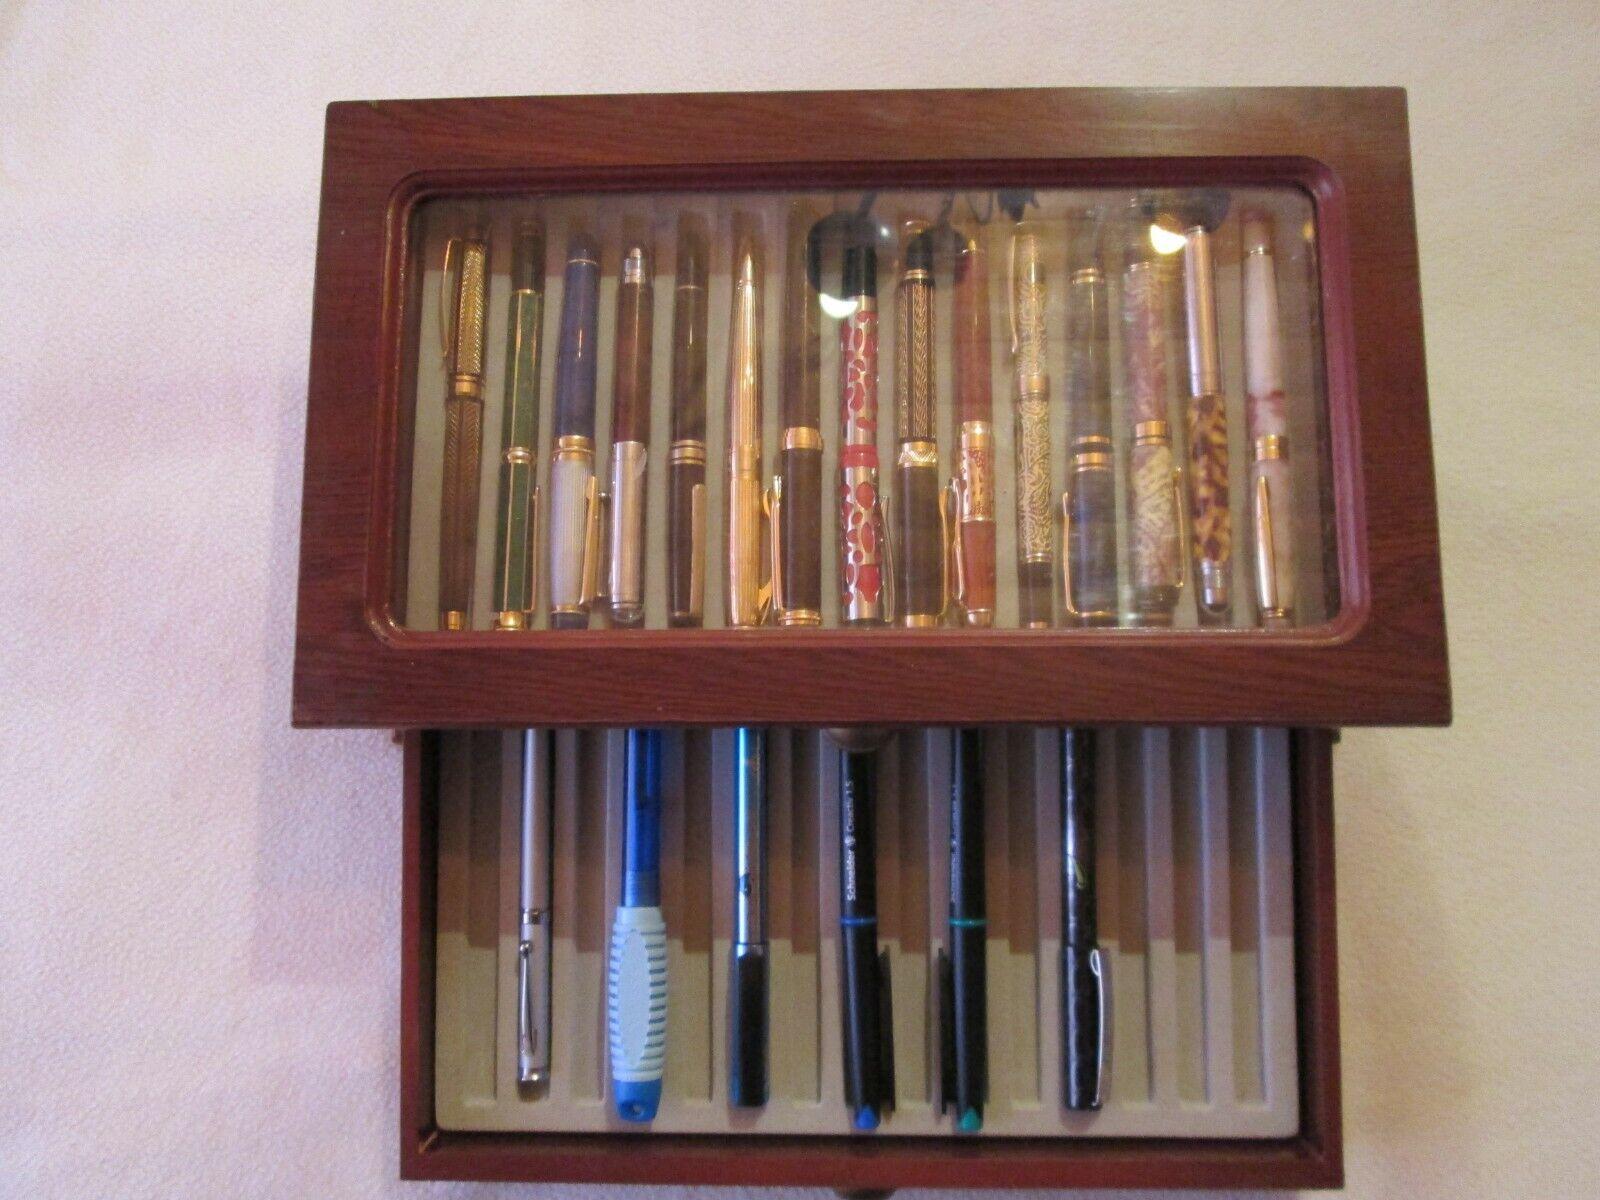 Füller Sammlung in schöner Holzbox